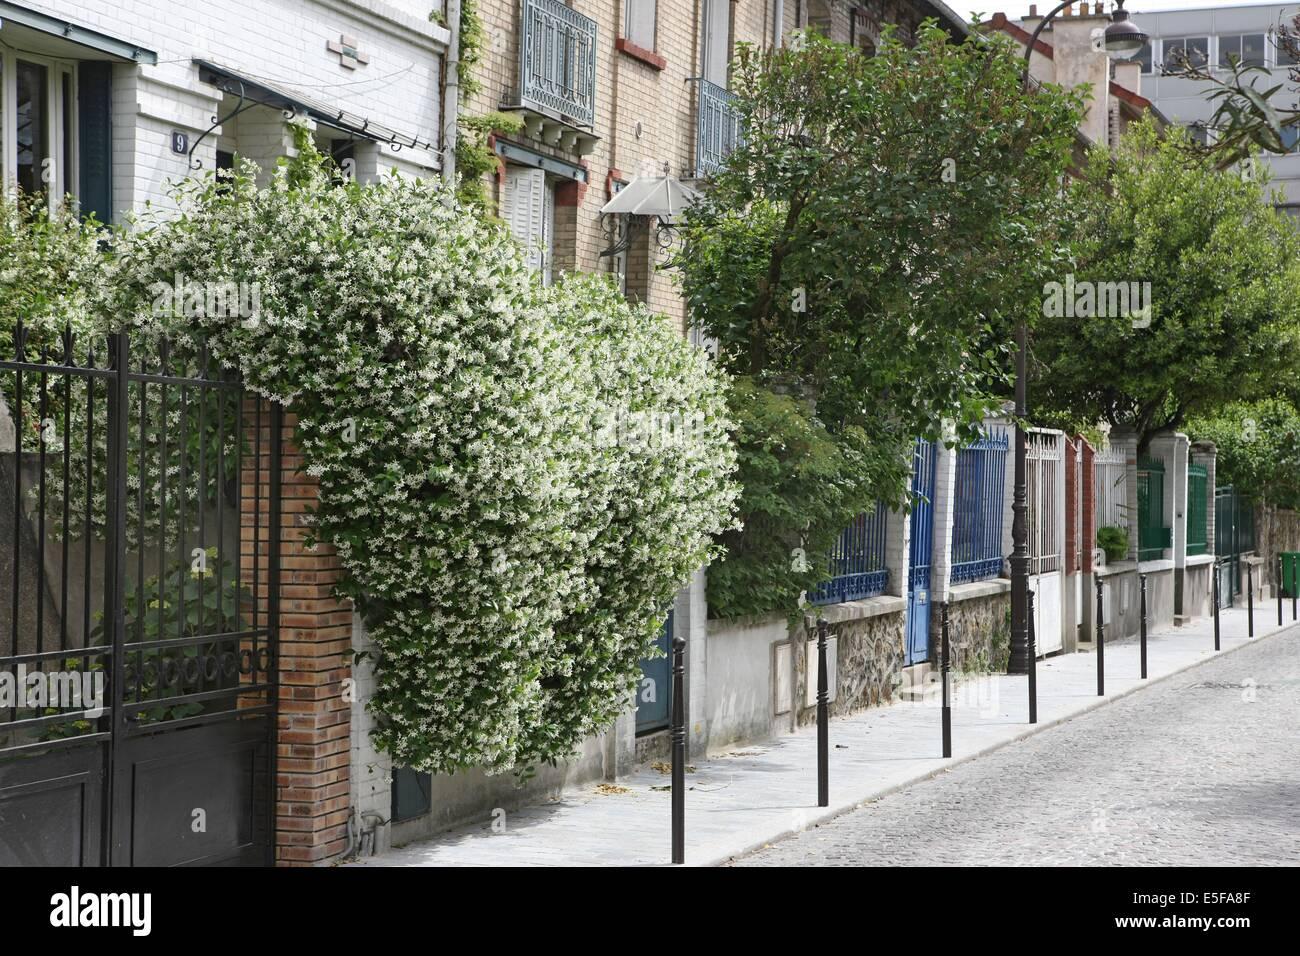 France, Ile De France, Paris, 13e Arrondissement, Villa Daviel, Maisons  Individuelles Avec Jardin, La Butte Aux Cailles, Date : 2011 2012